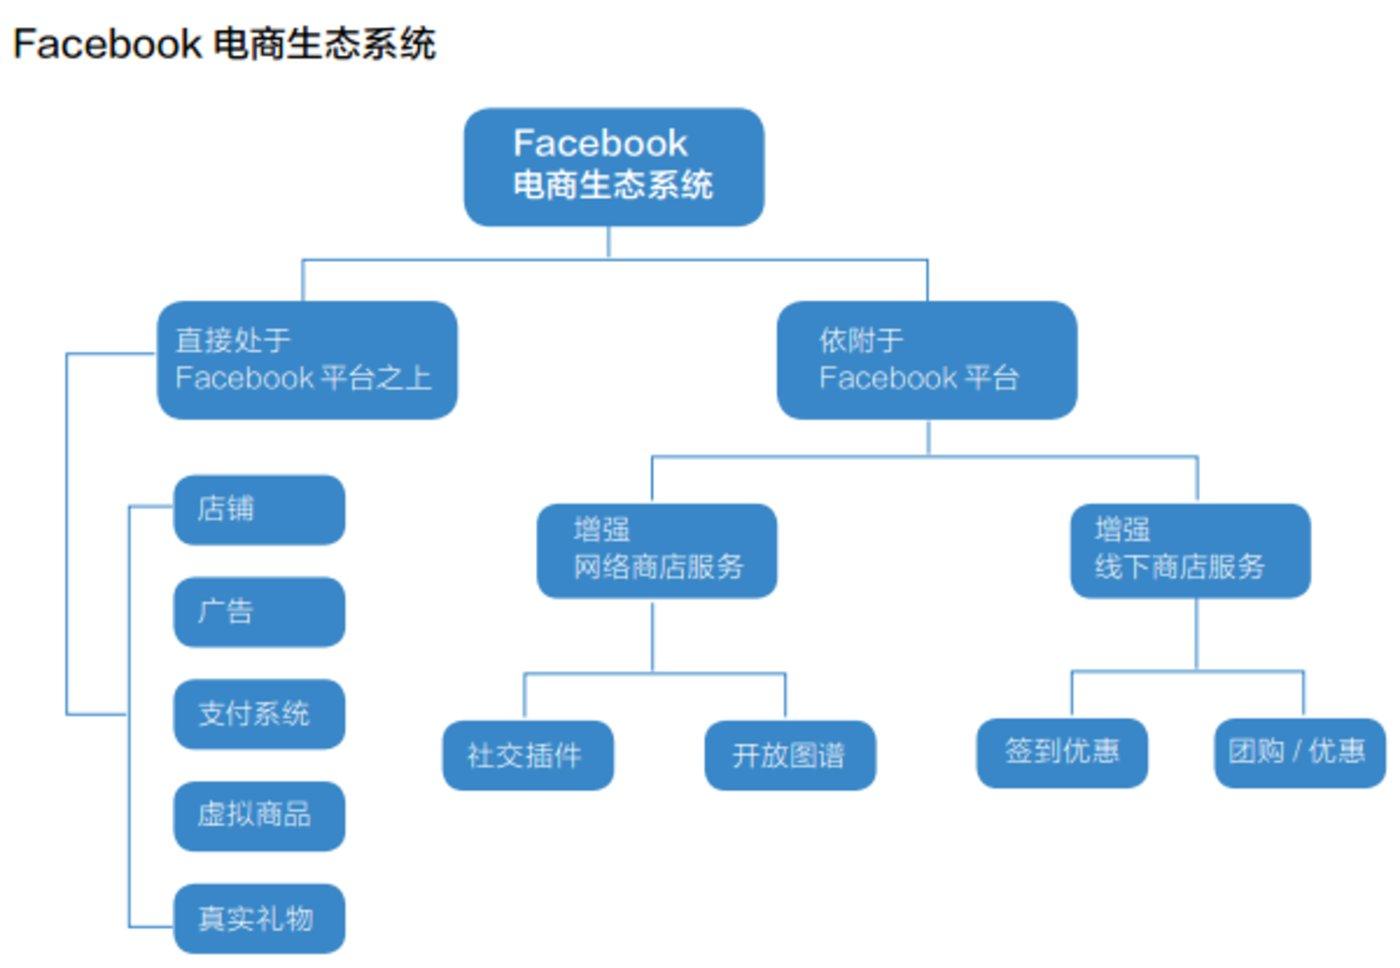 Facebook电商生态系统